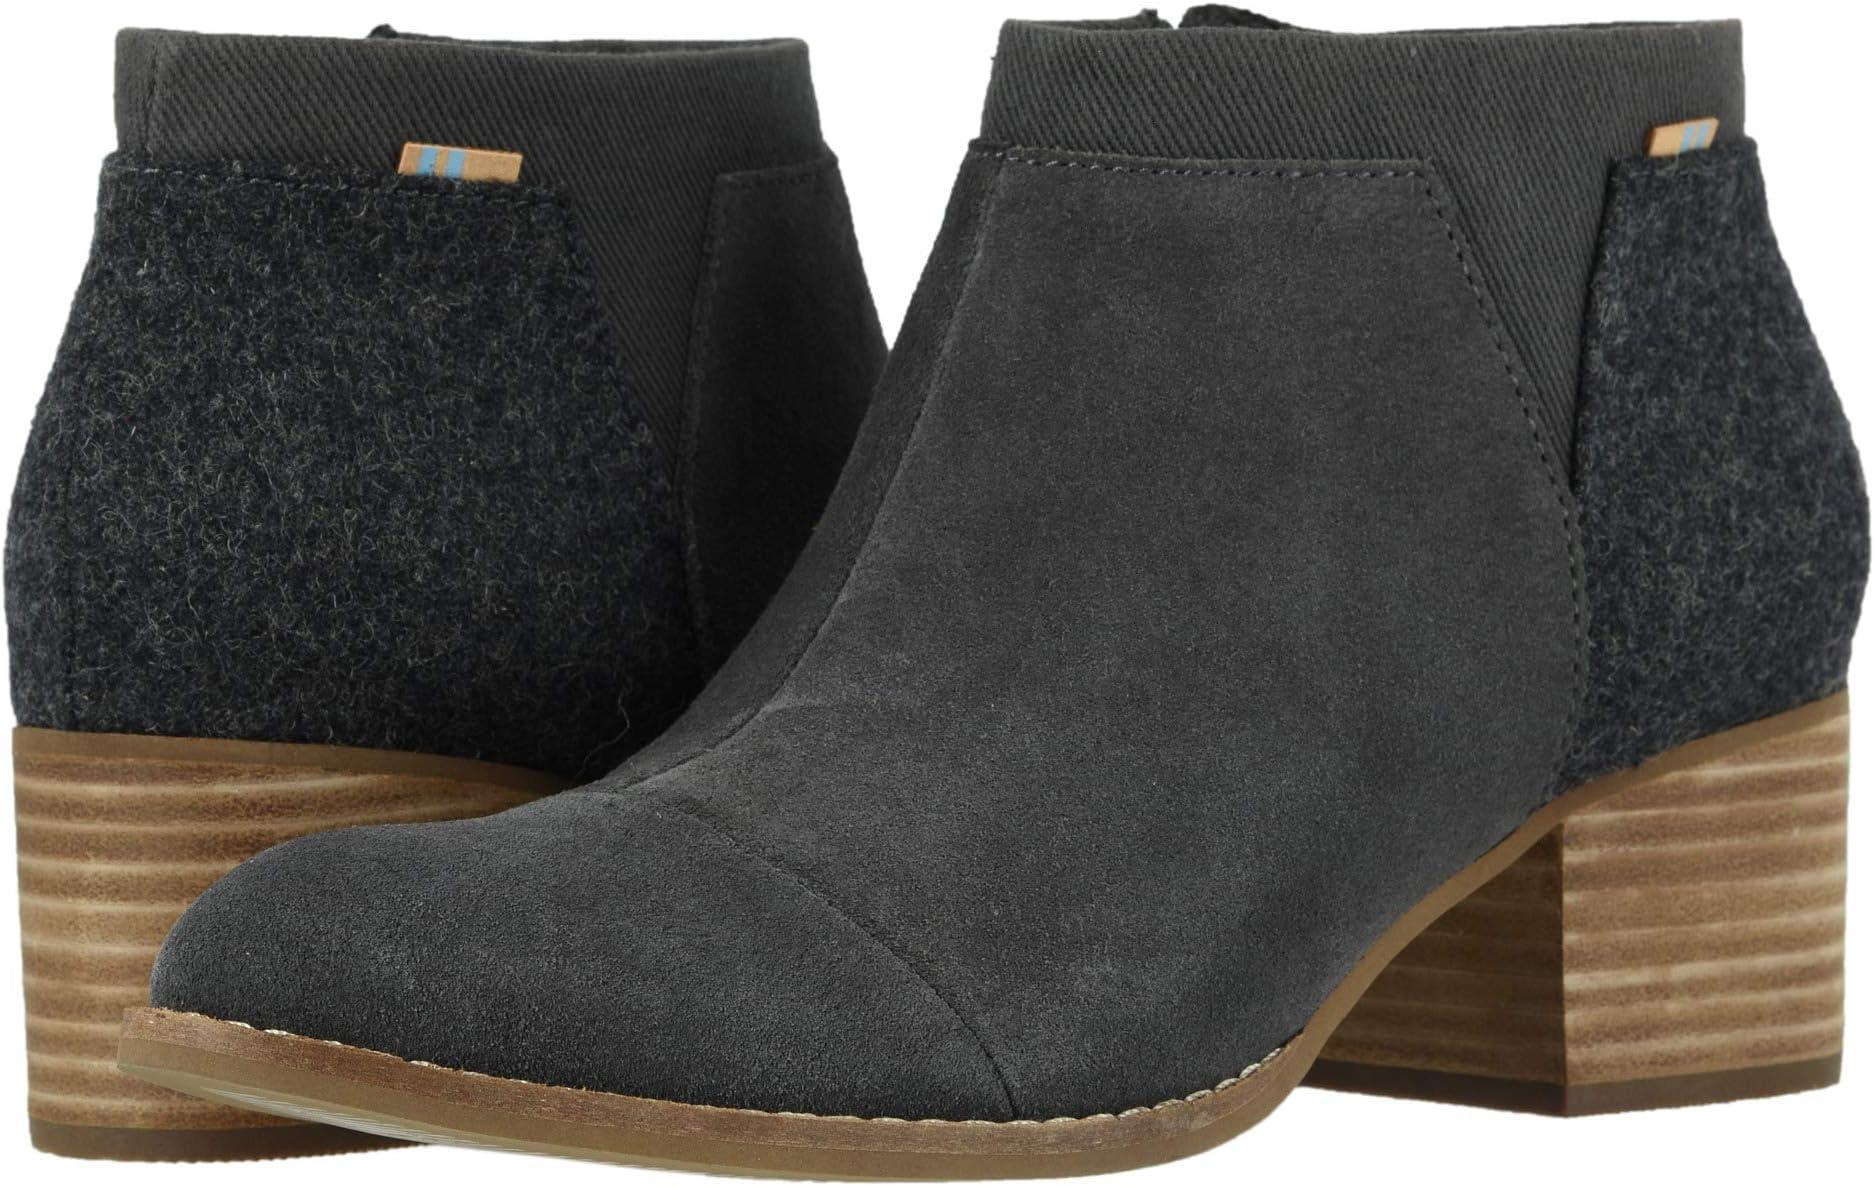 334cf71e6e92f TOMS Shoes | Zappos.com